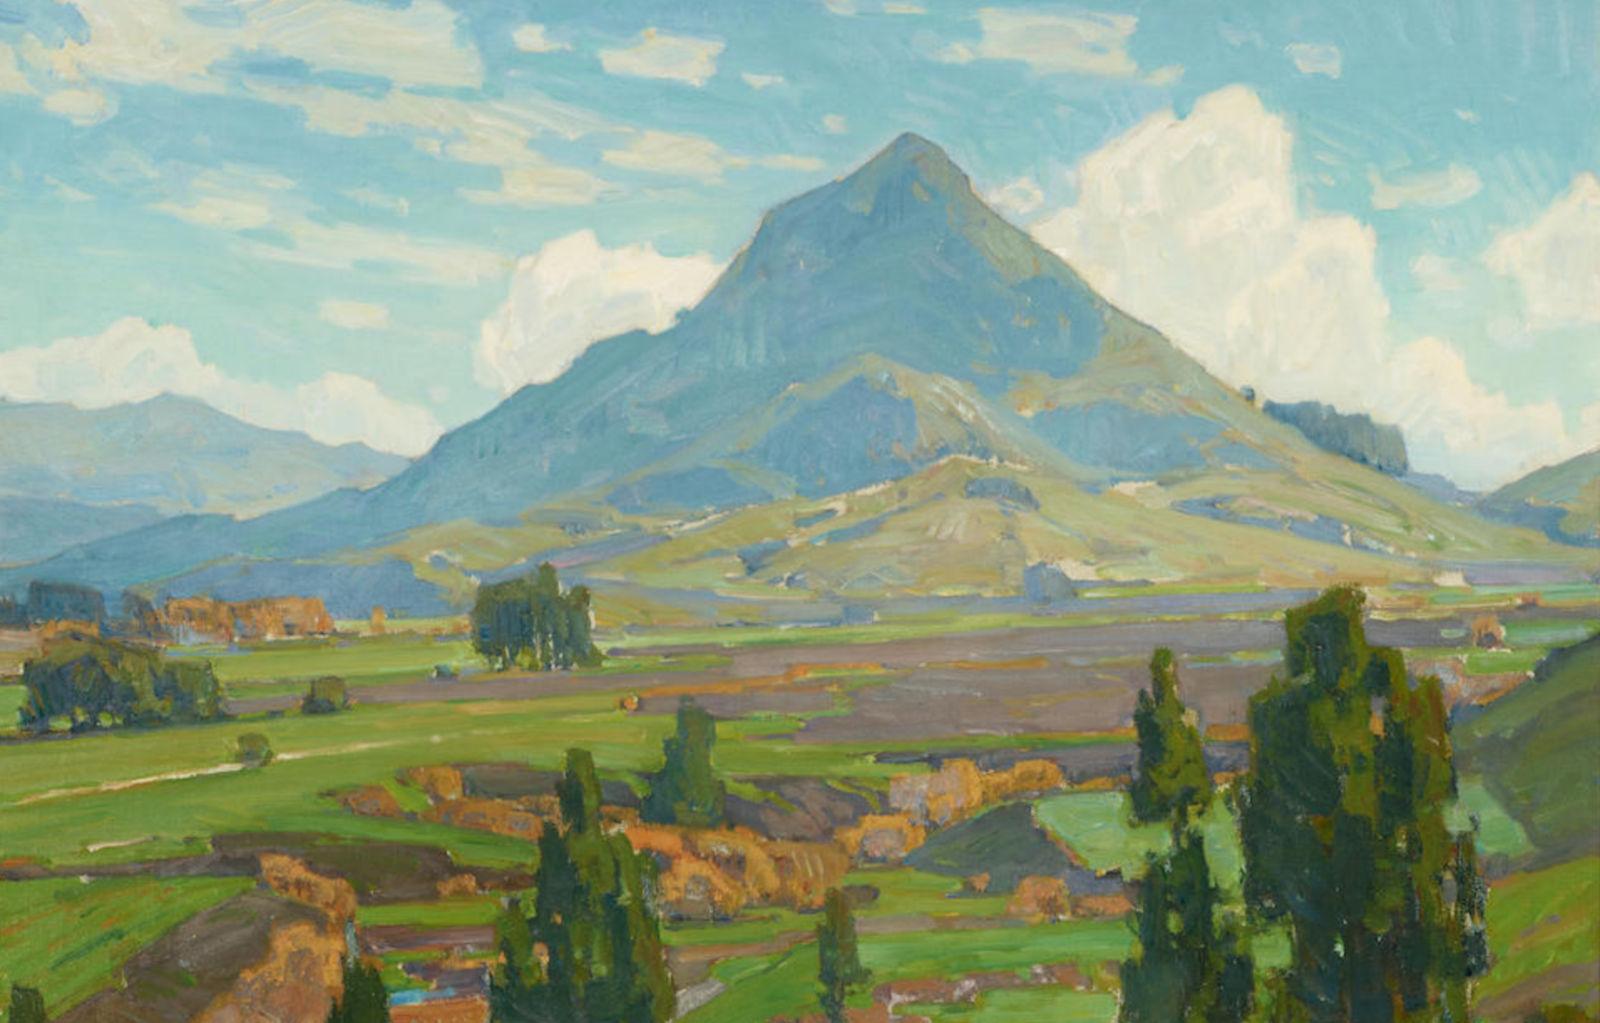 California and Western Art Bonhams